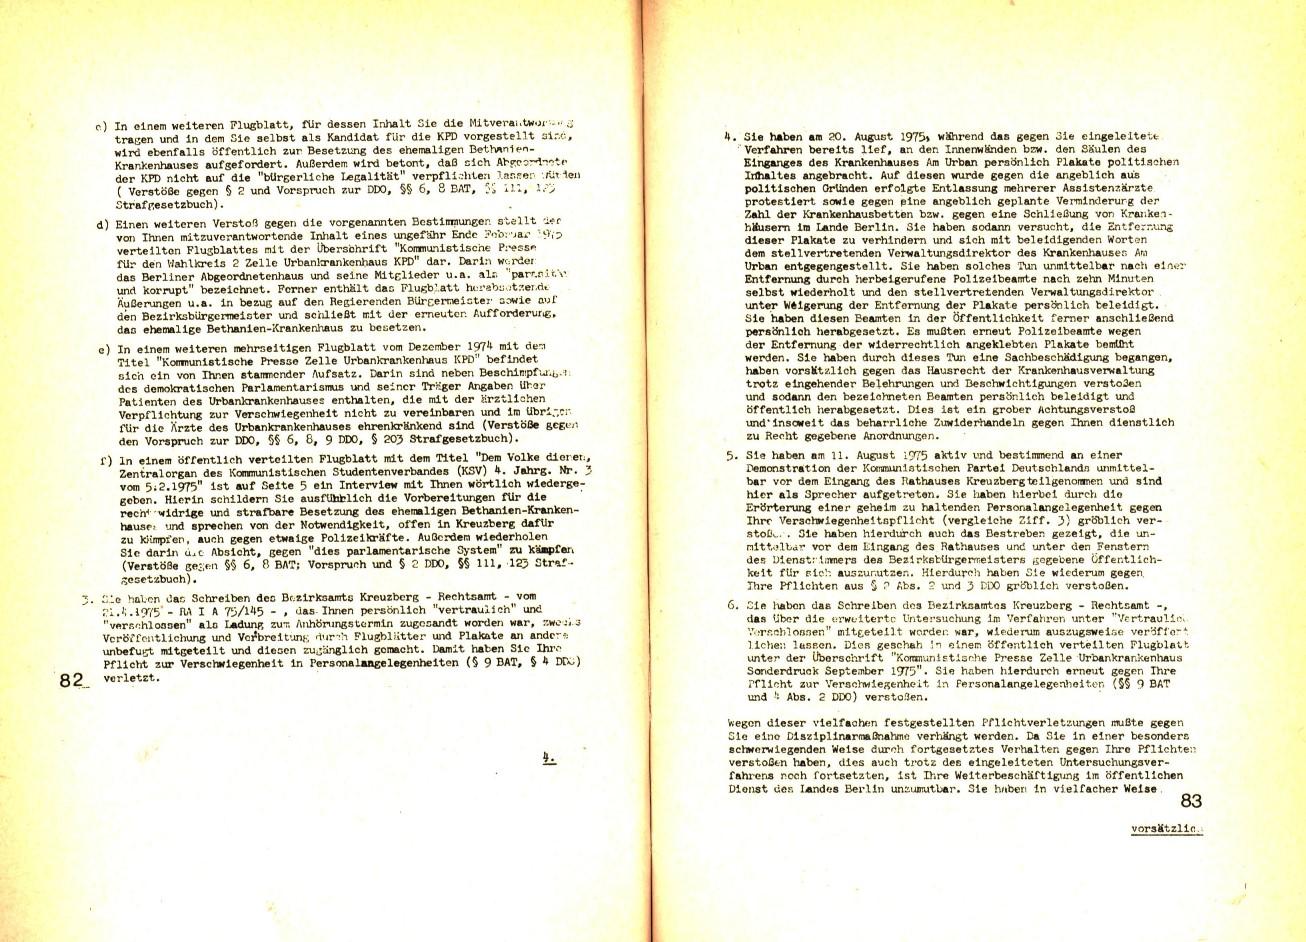 Berlin_VDS_Aktionskomitee_1976_BerufsverboteIII_43